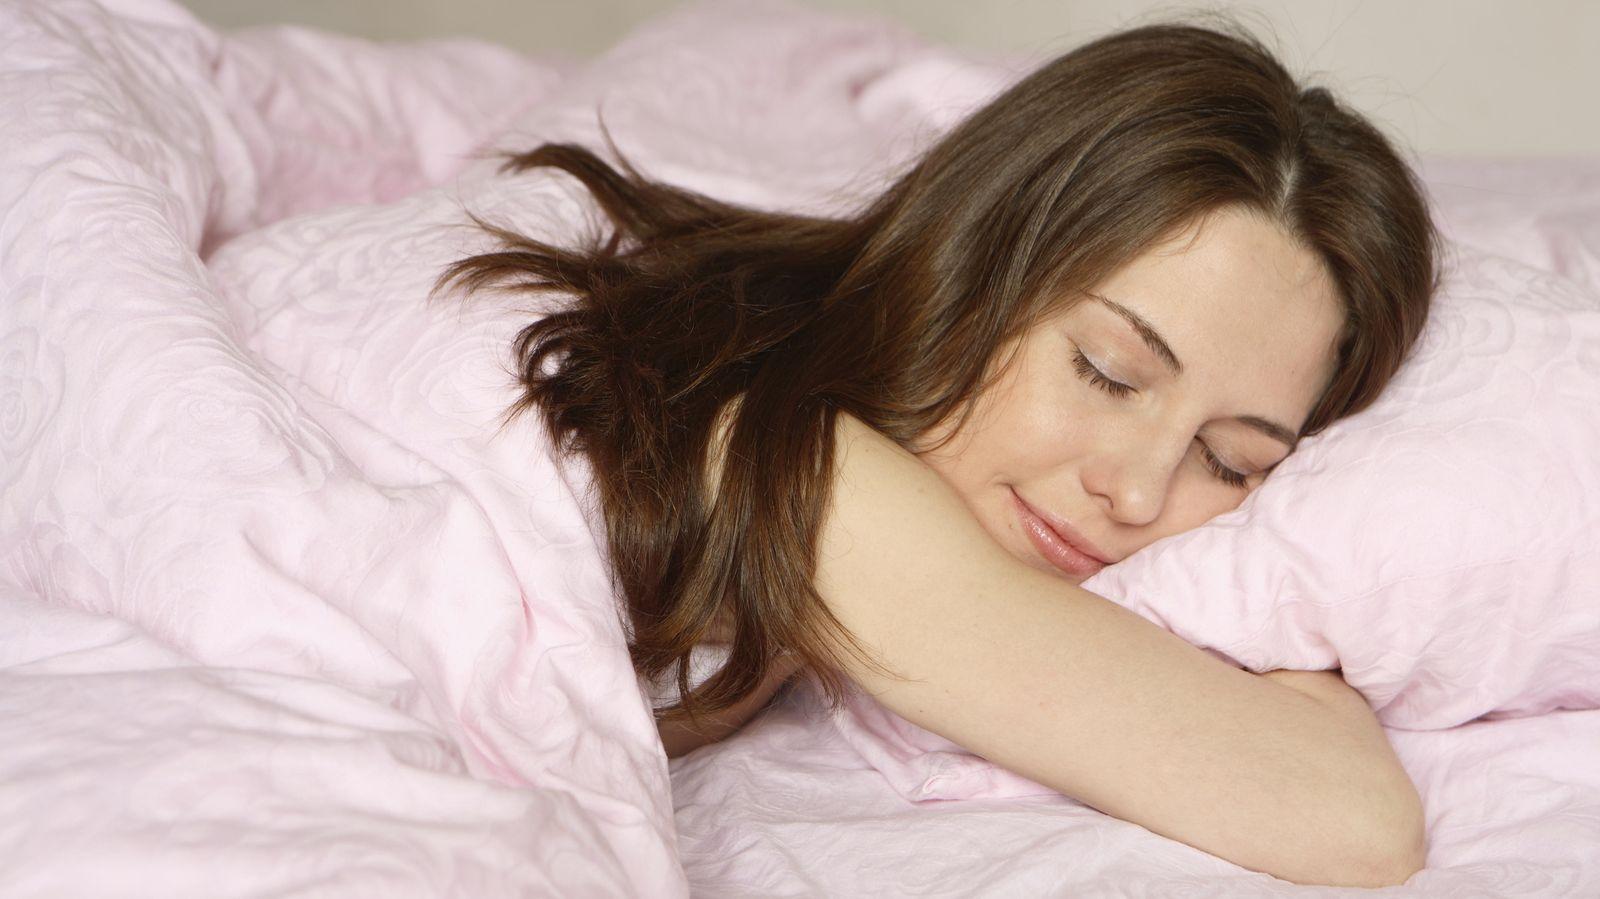 Dormir bien: Los tres trucos más eficaces para dormir plácida y rápidamente